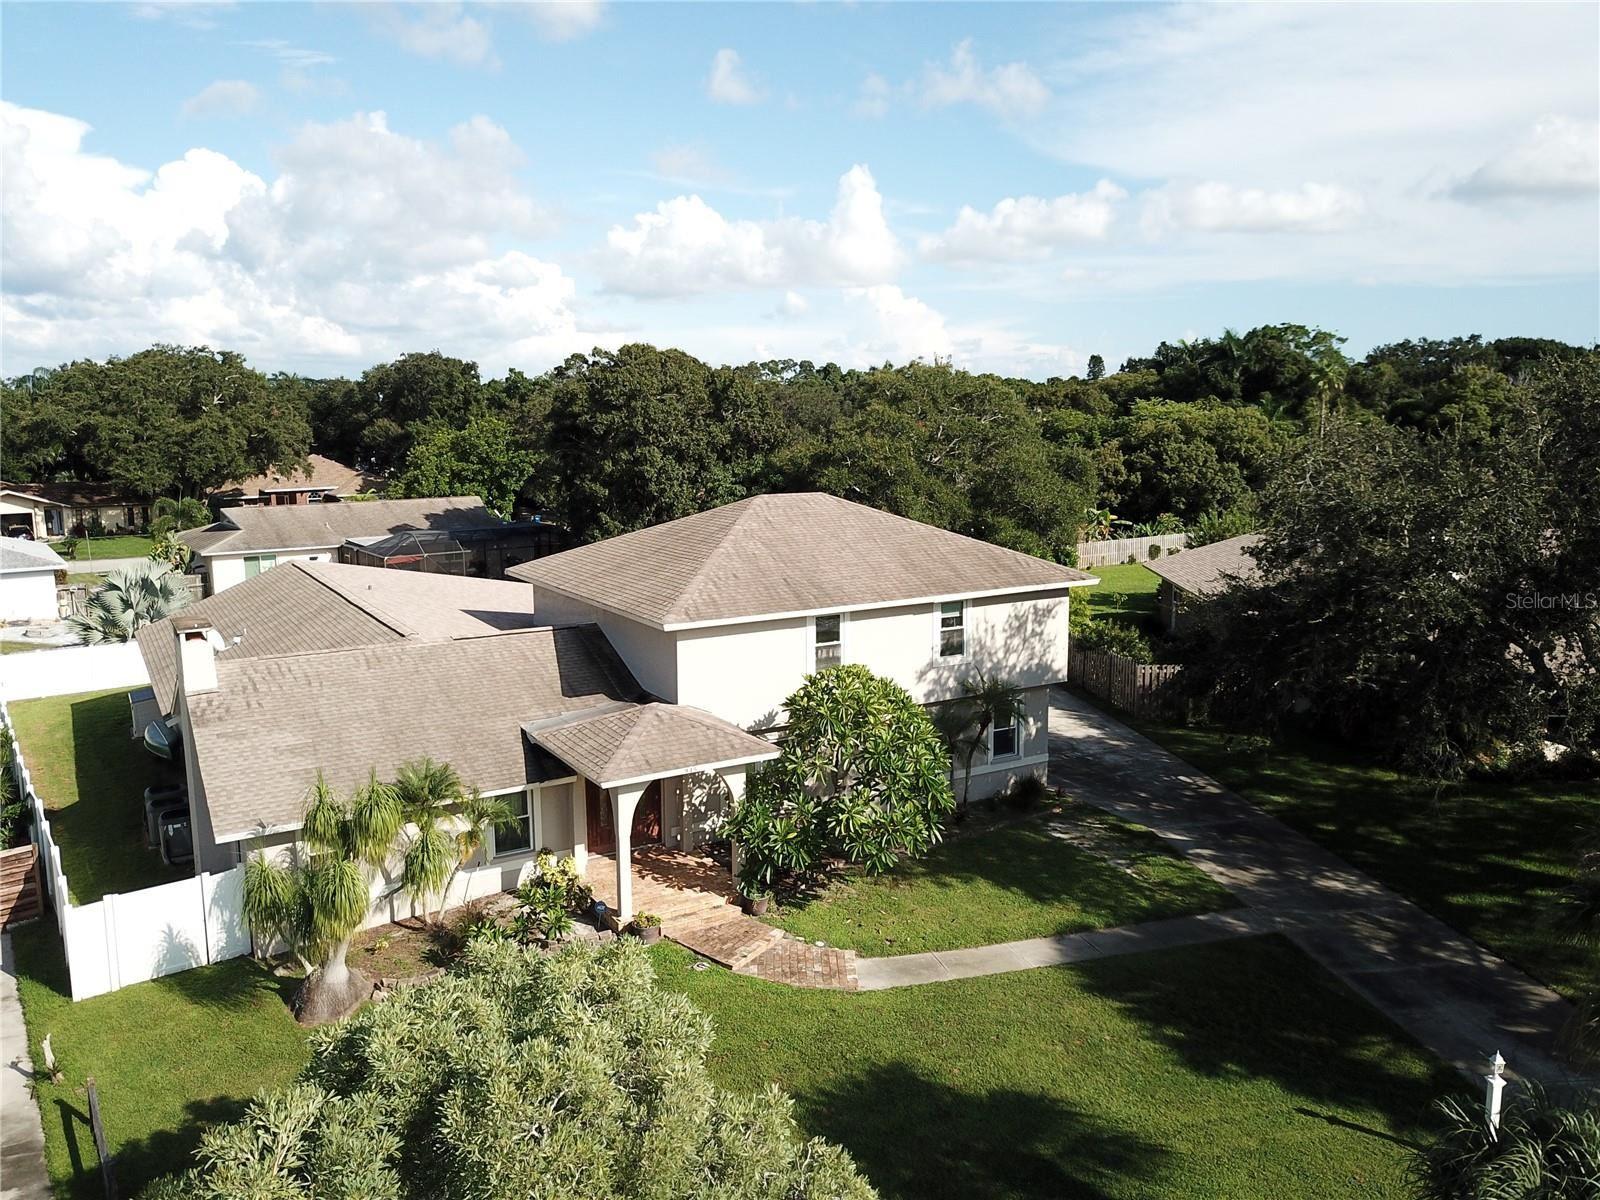 Photo of 915 CIMARRON CIRCLE, BRADENTON, FL 34209 (MLS # A4513611)